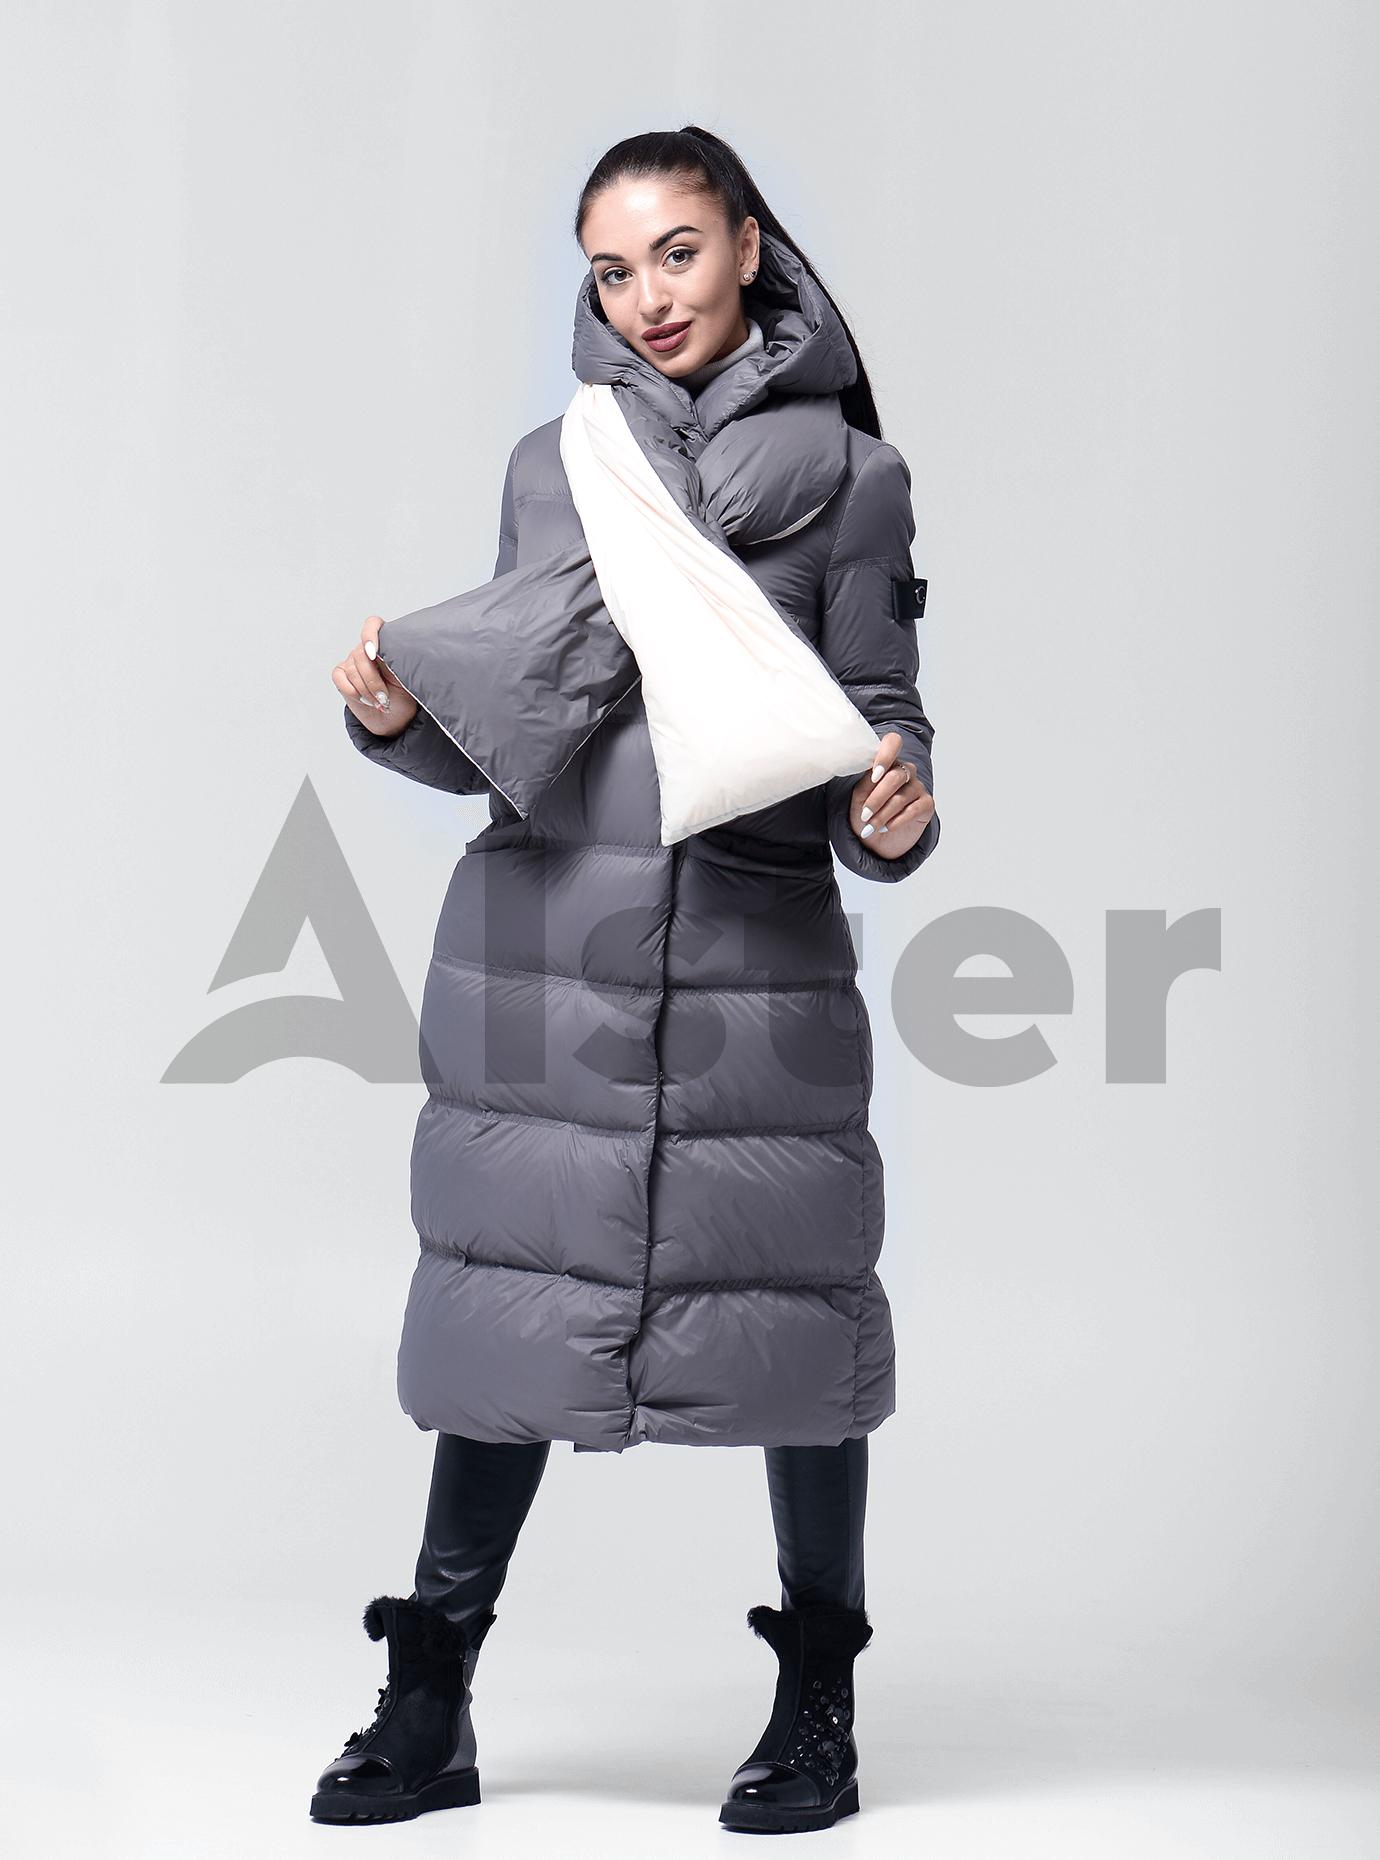 Пуховик женский с капюшоном Серый XL (02-4623): фото - Alster.ua